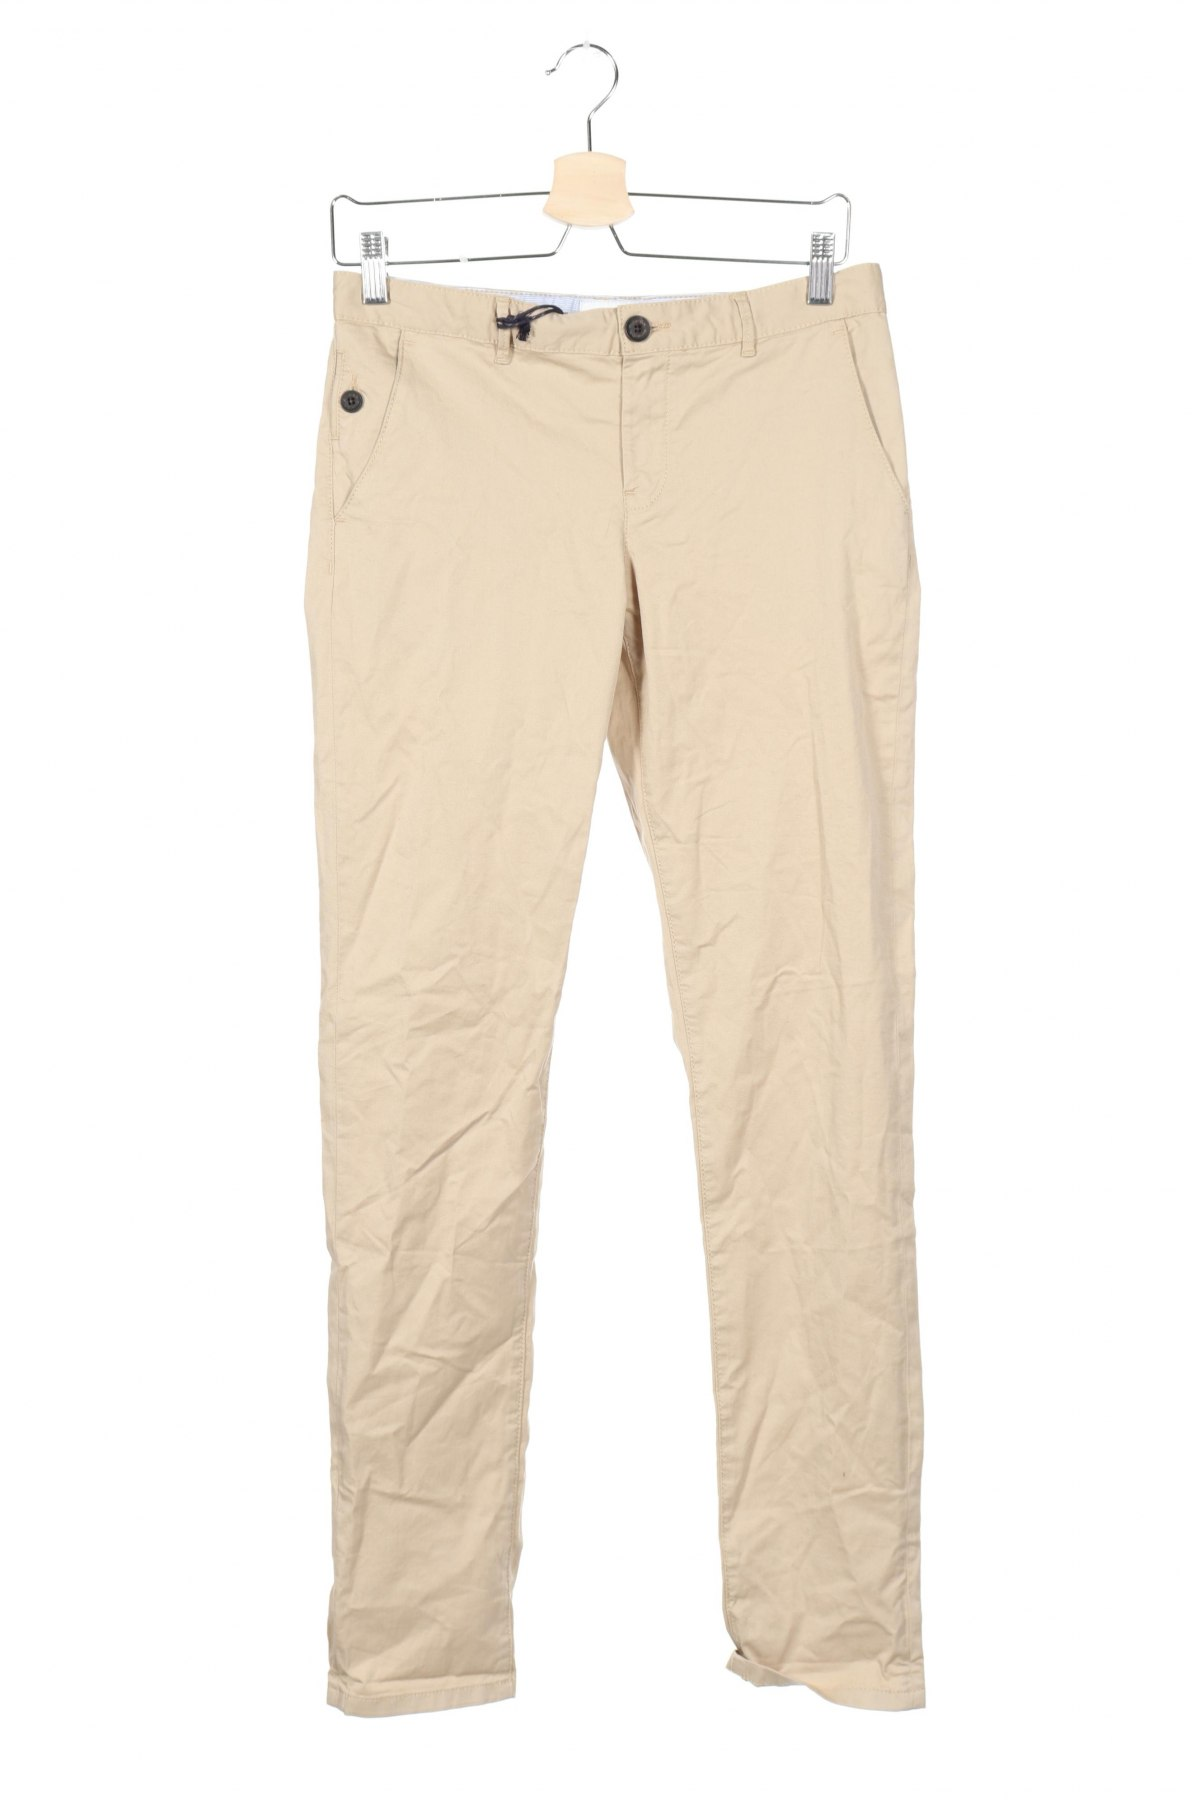 Παιδικό παντελόνι Massimo Dutti, Μέγεθος 13-14y/ 164-168 εκ., Χρώμα  Μπέζ, 97% βαμβάκι, 3% ελαστάνη, Τιμή 13,52€